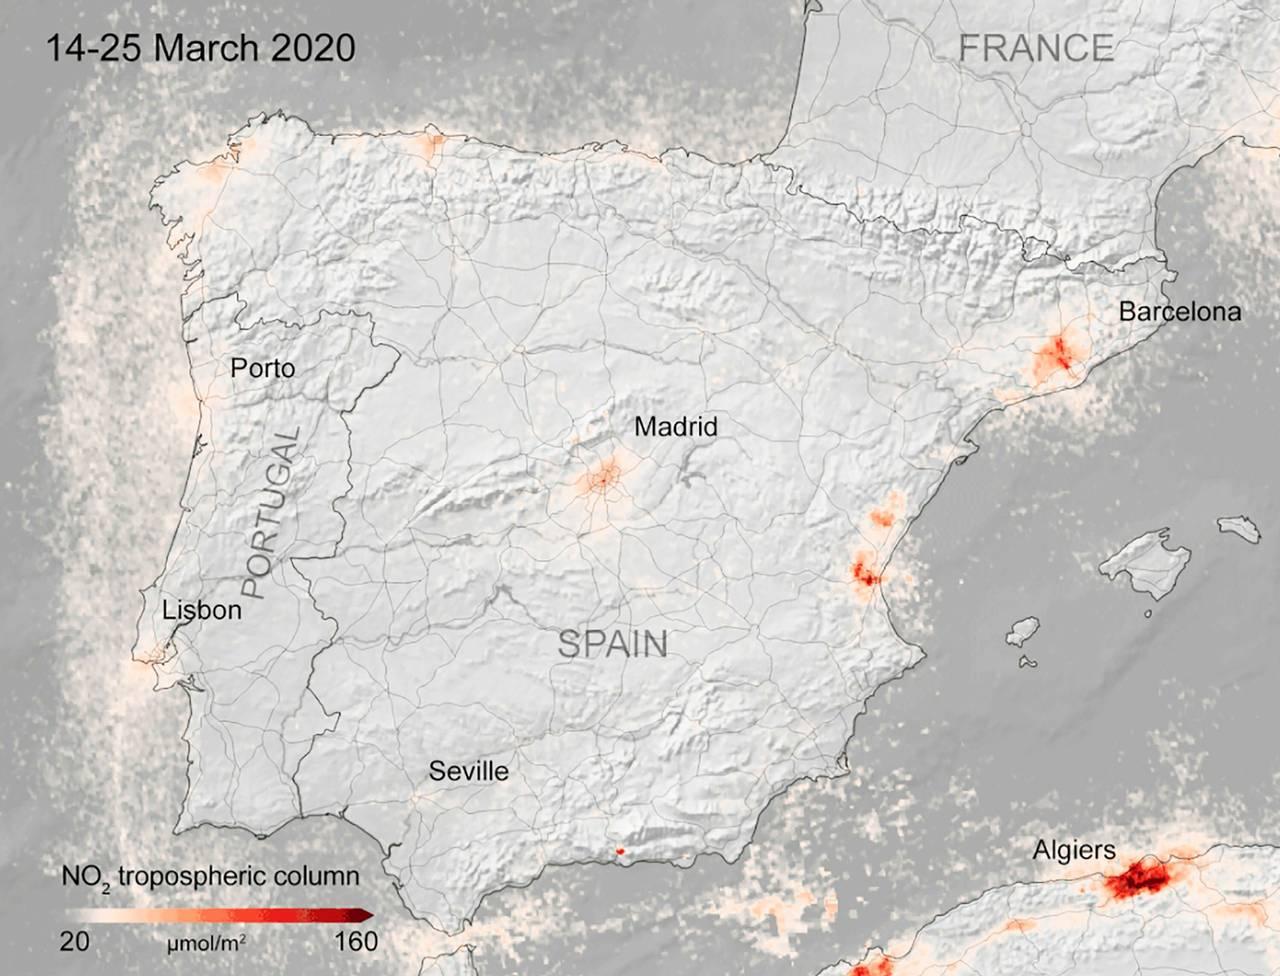 Kart fra ESA som viser konsentrasjonen av NOx-gasser i Spania i perioden 14.-25. mars 2020.